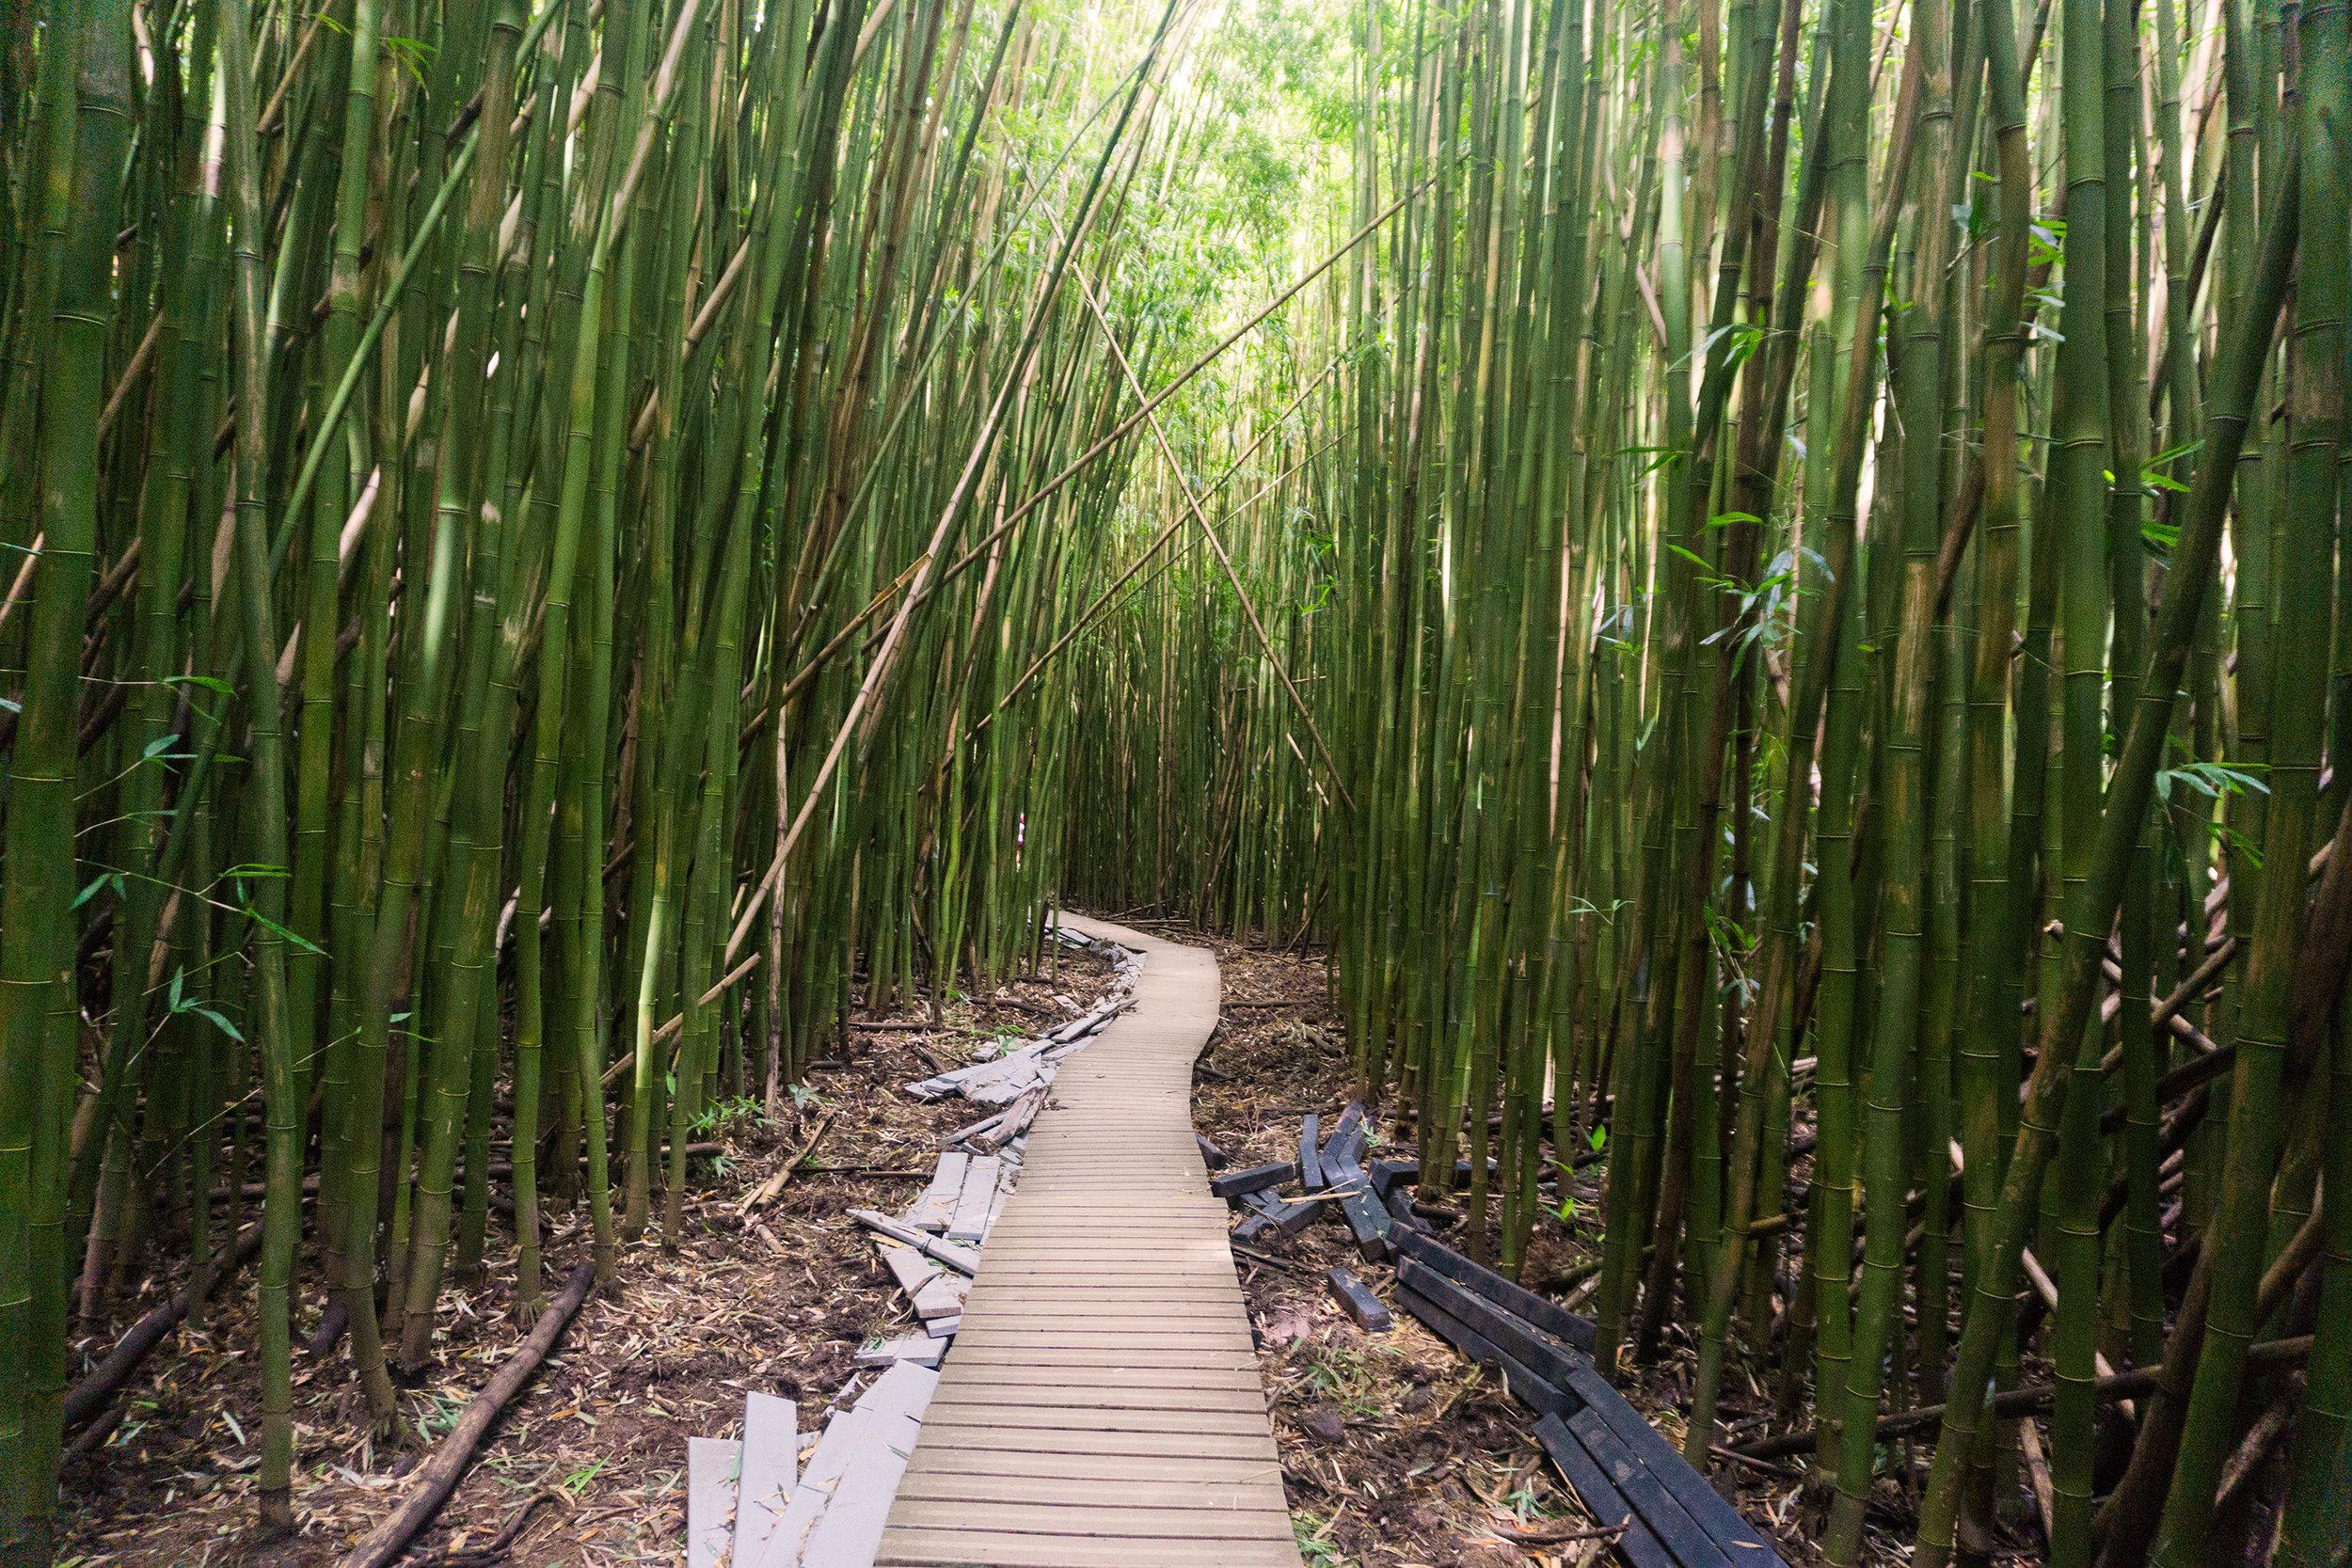 AstroBandit_Maui_Hawaii_Hana_WaimokuFalls_BambooForest.jpg